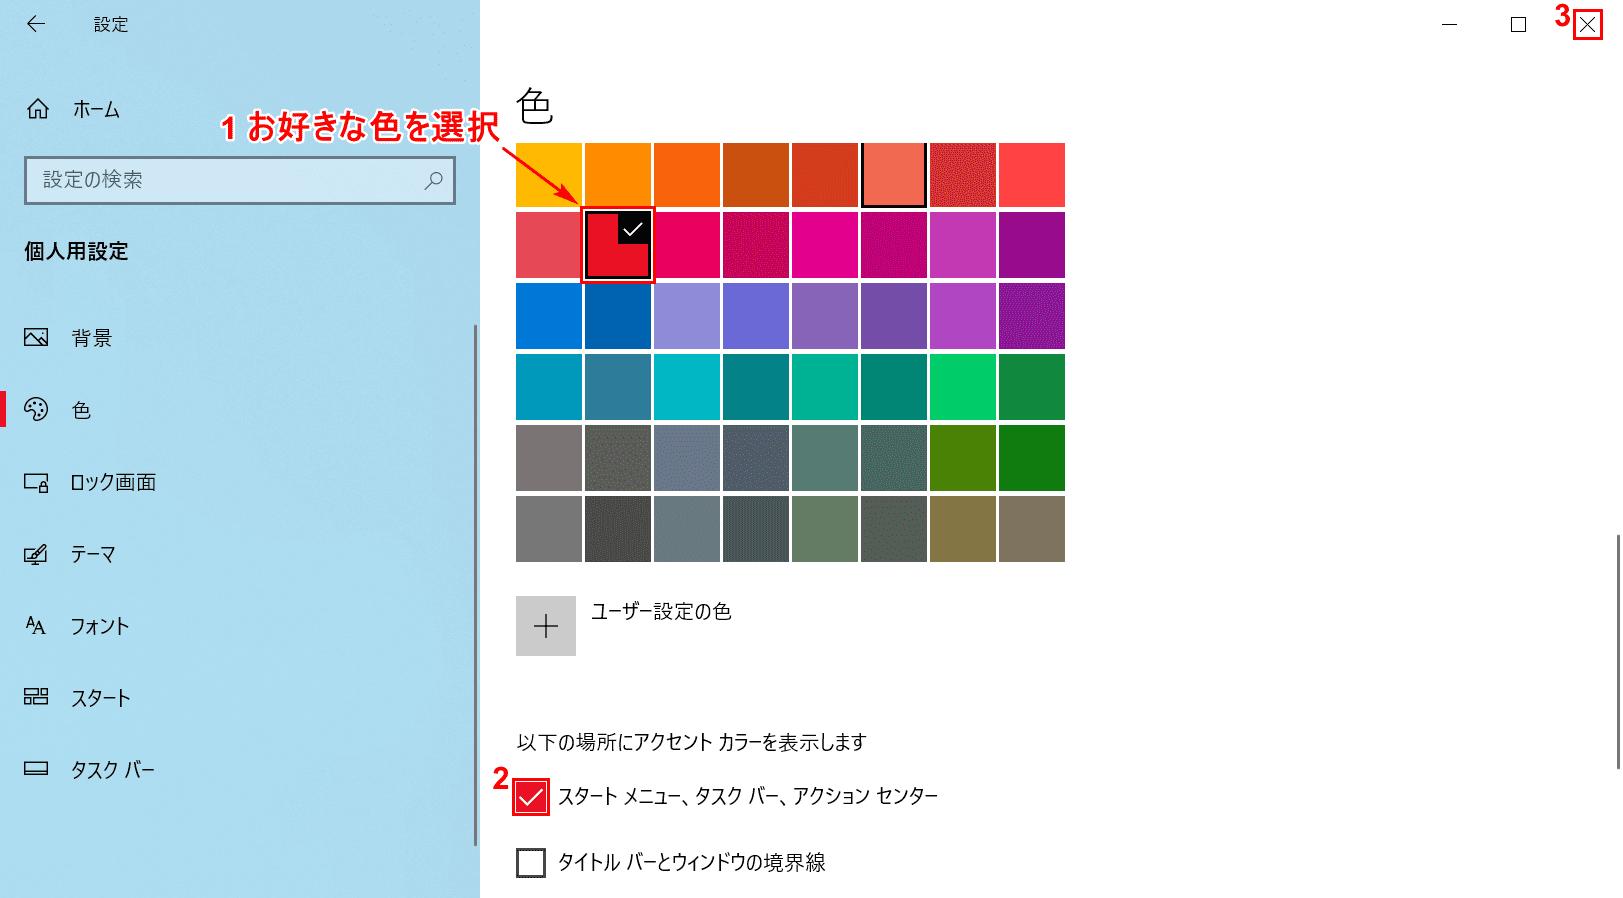 タスクバー 色 変更